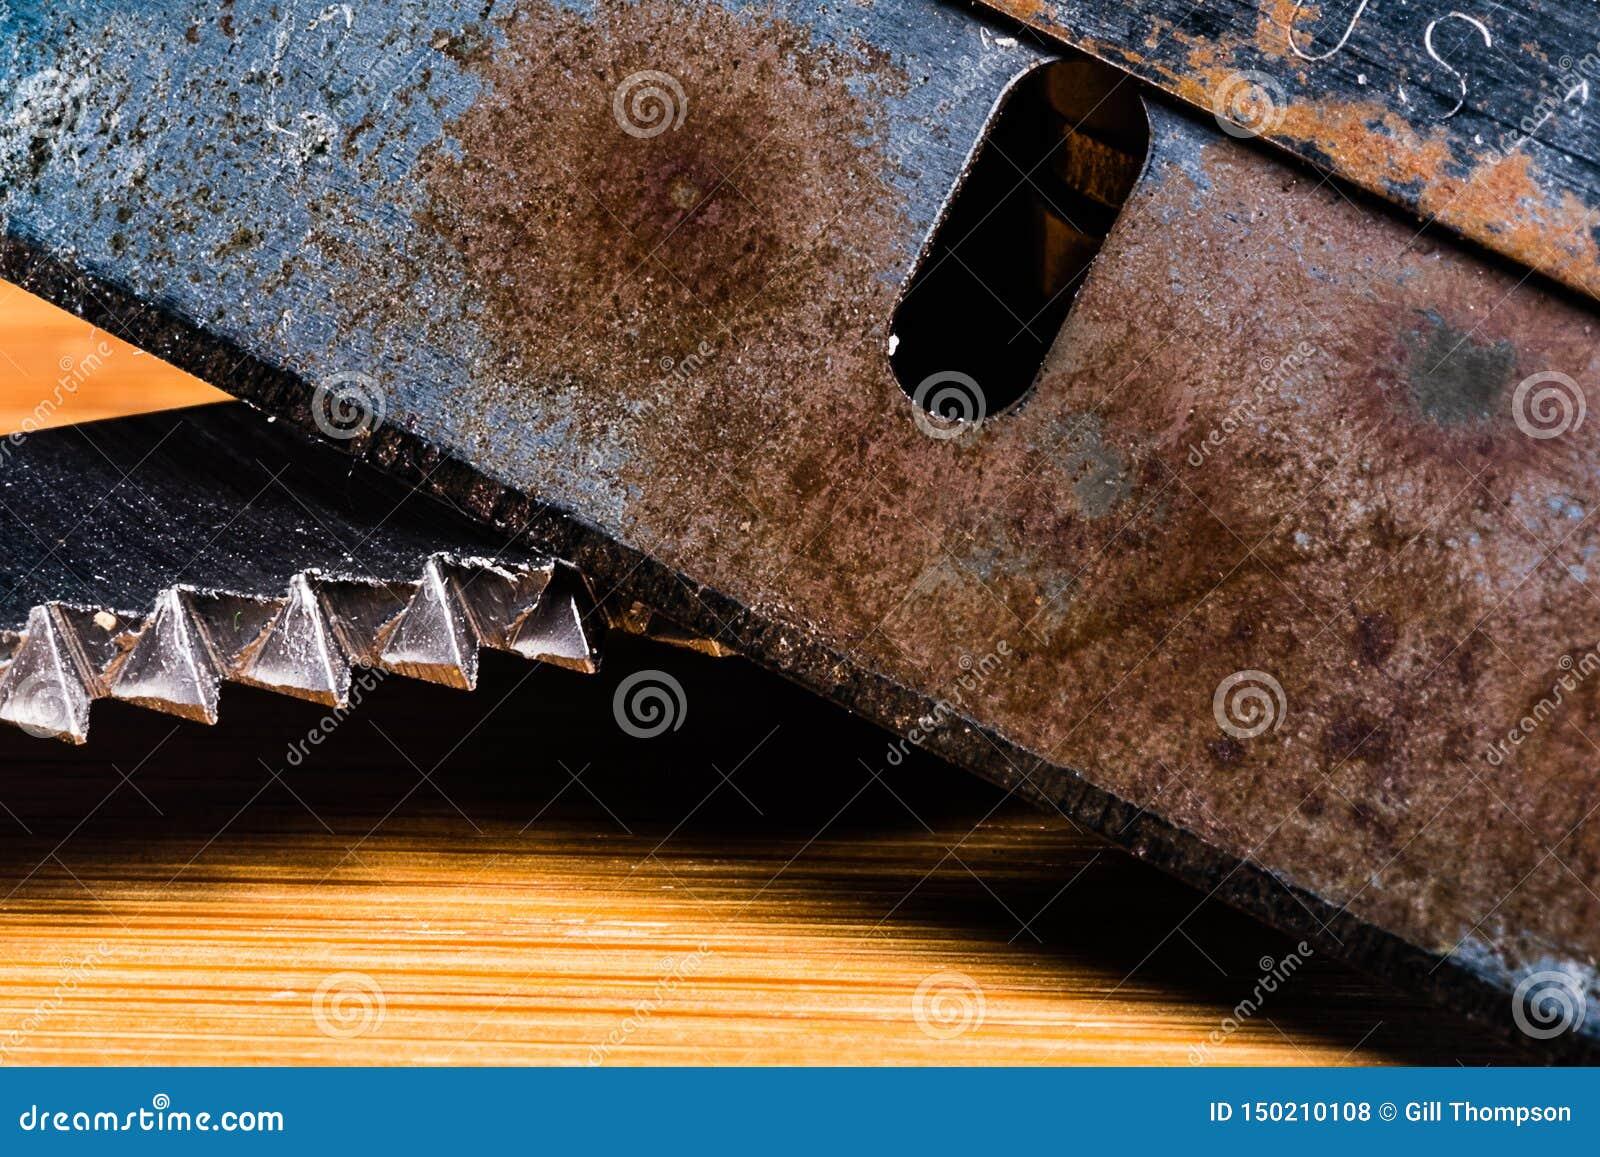 Uma imagem macro de uma lâmina muito velha, maçante e oxidada com uma lâmina serrilhada ingualmente suja e usada